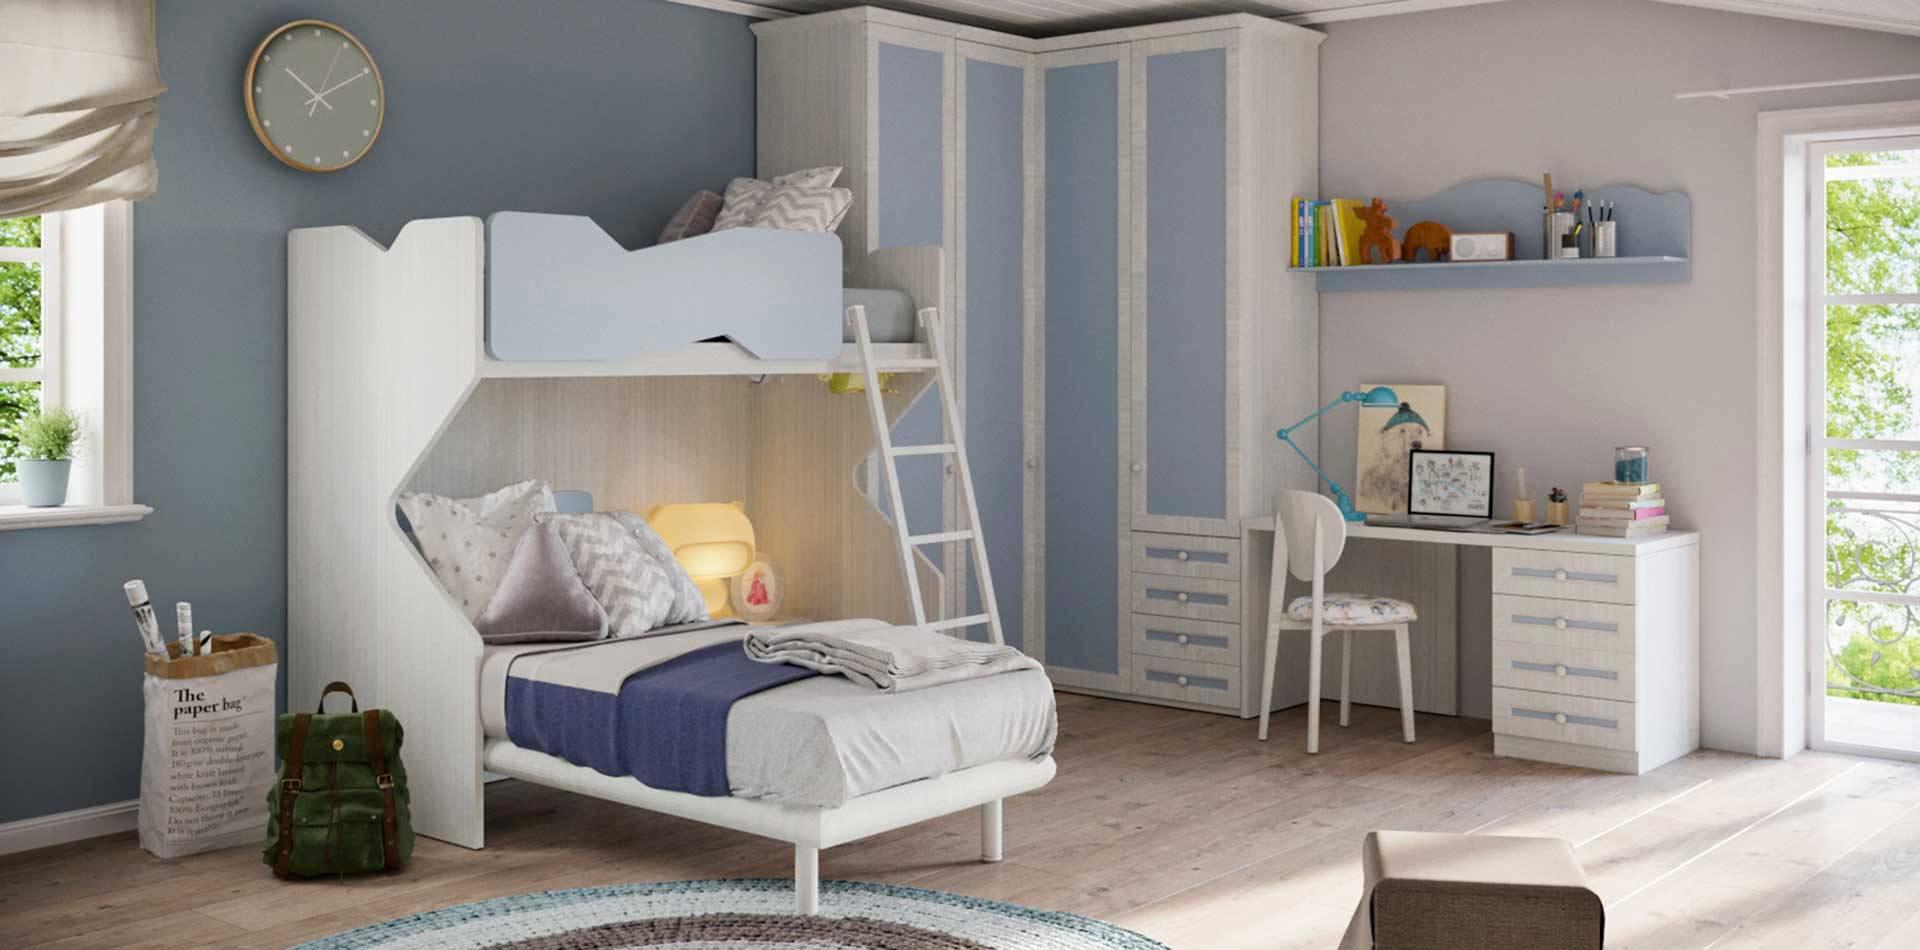 Cameretta per bambini con letto a soppalco colore bianco - Letto soppalco per bambini ...